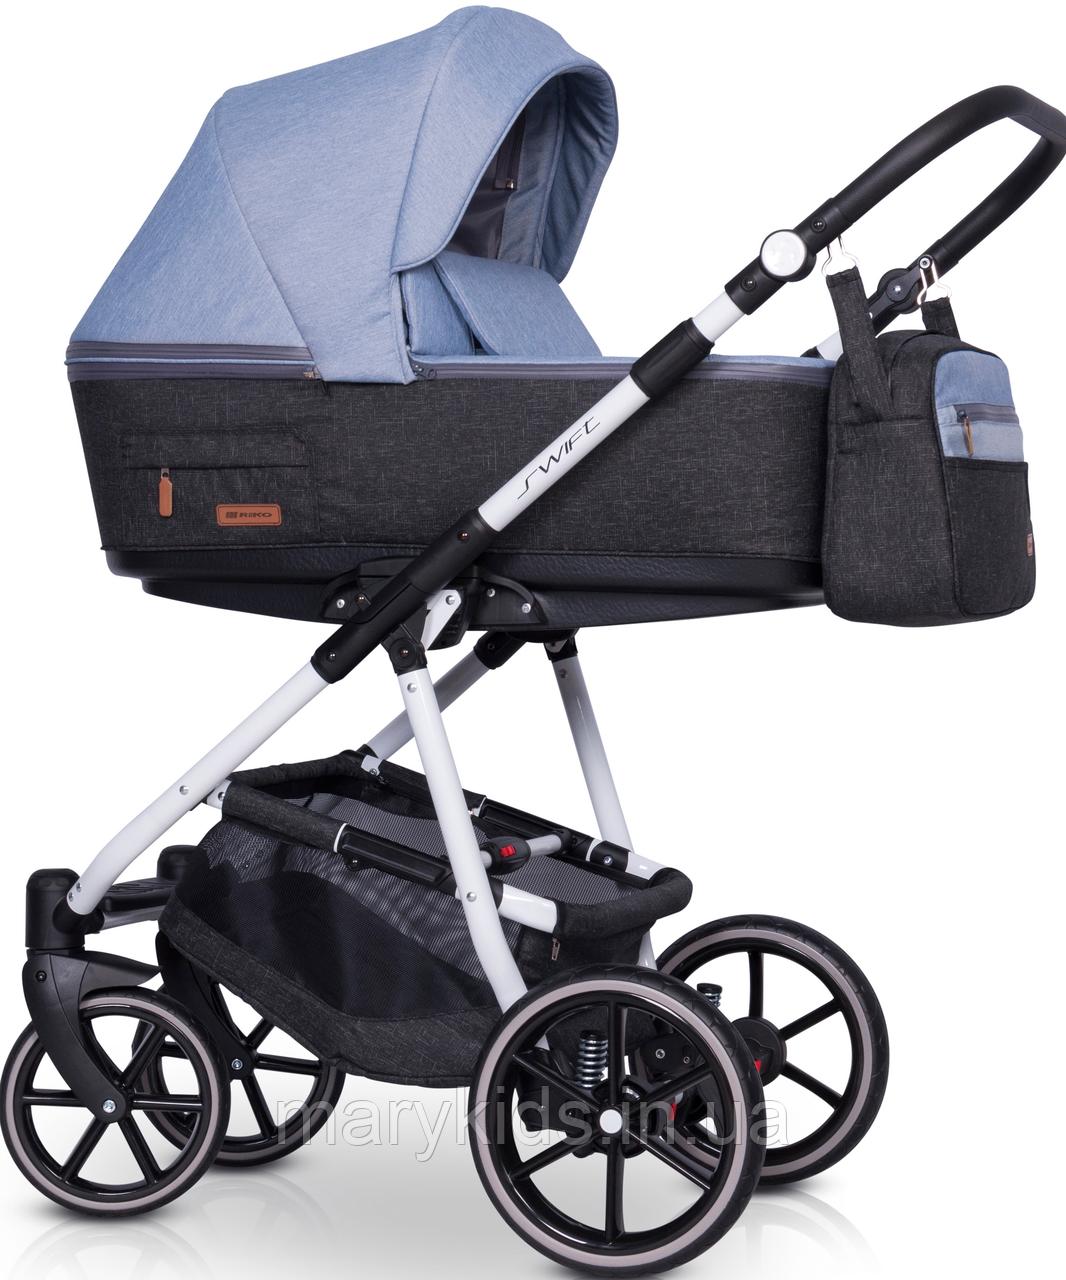 Детская универсальная коляска 3 в 1 Riko Swift Natural 02 Niagara